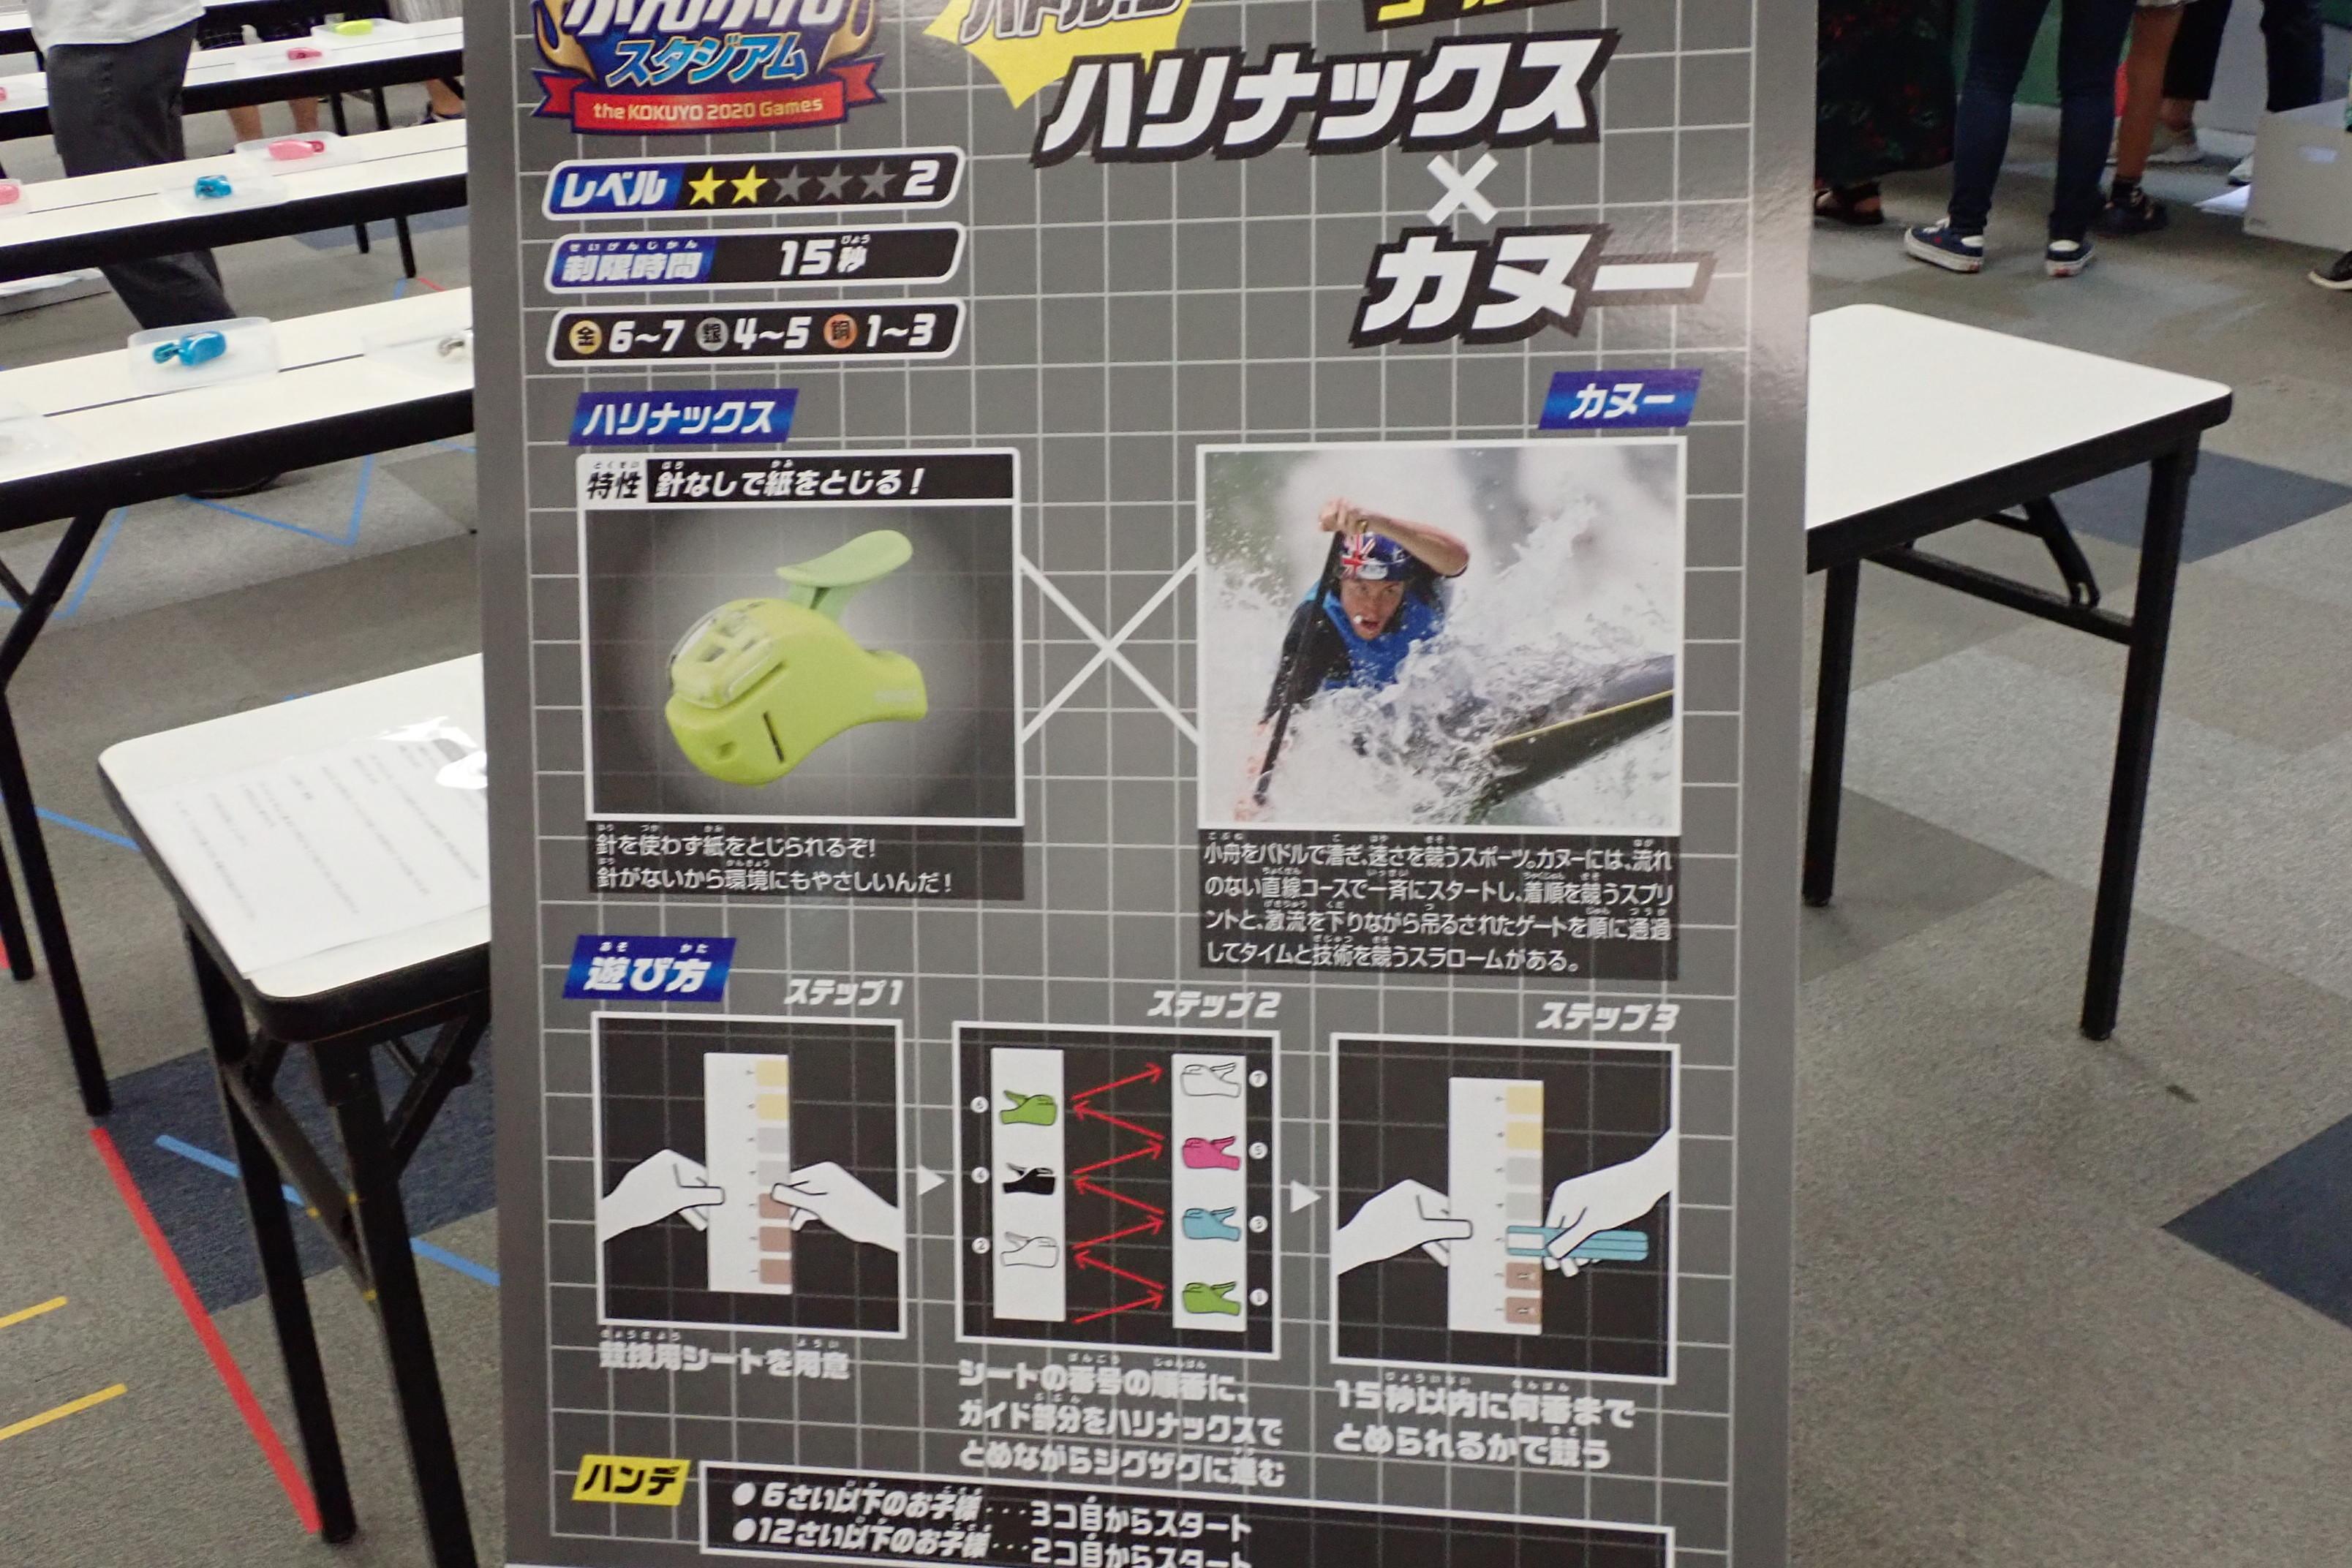 ↑競技スペースには、分かりやすいルール表示ボードが設置